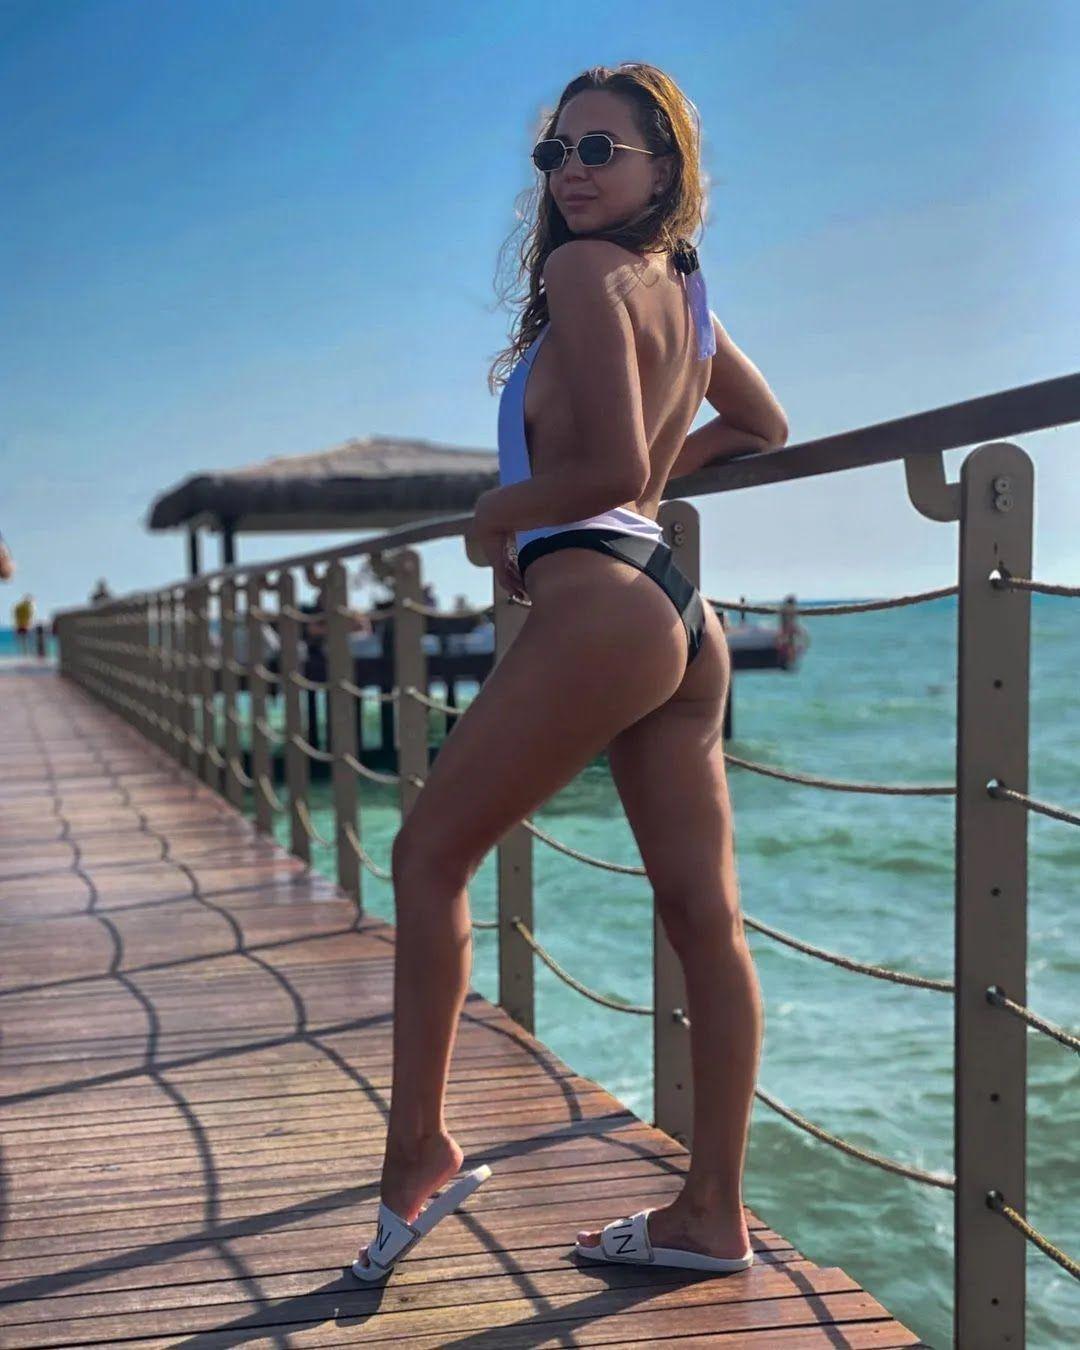 Аліна Шинкаренко хвалиться бездоганною фігурою